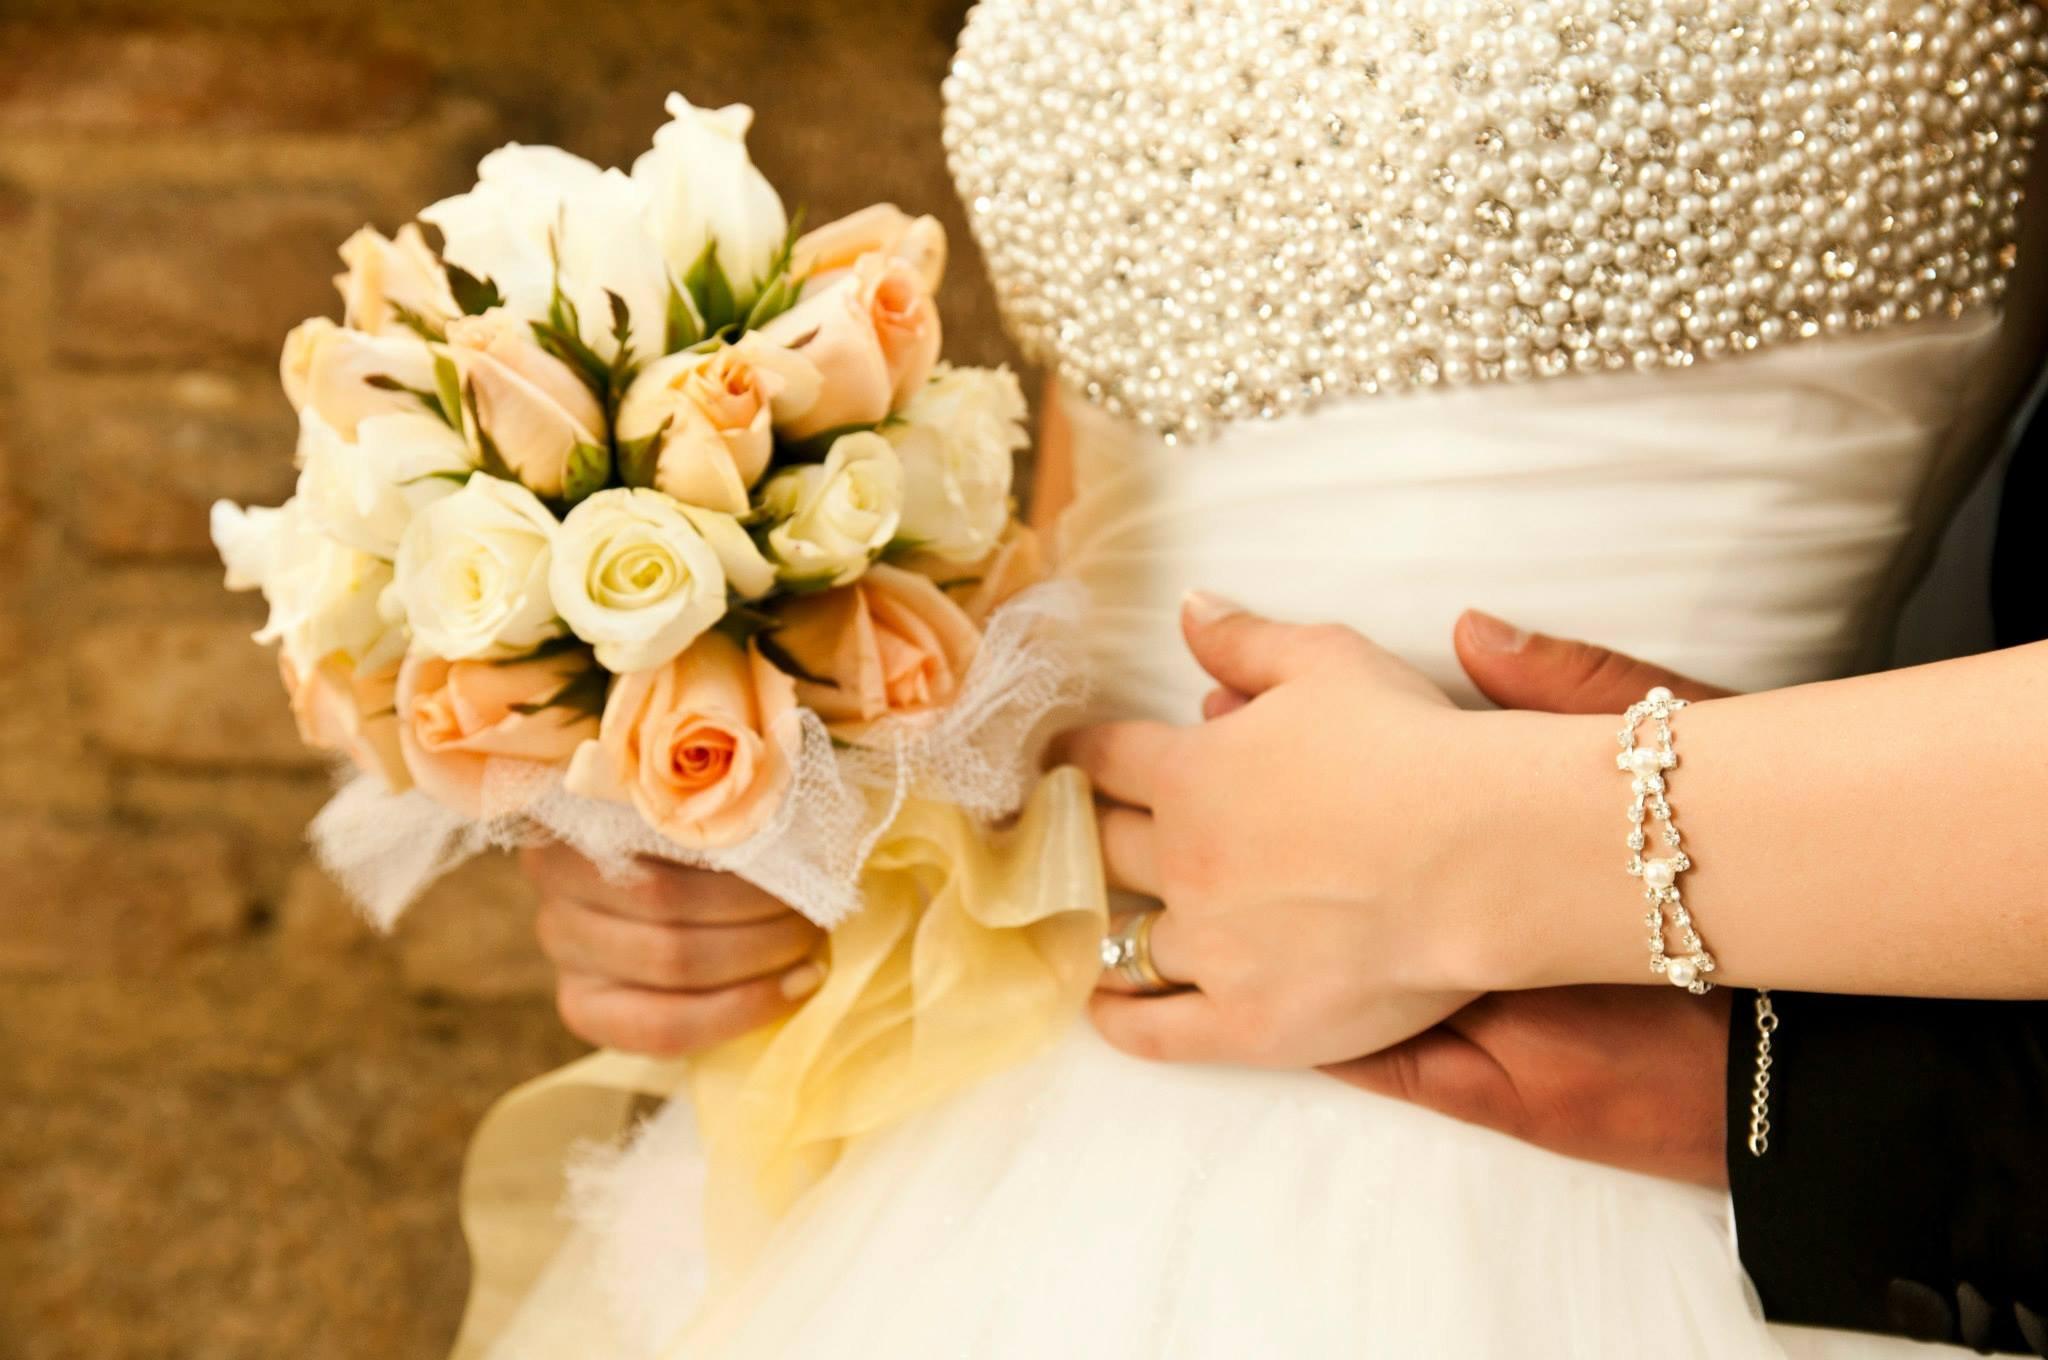 Государственная дума отказалась приравнивать гражданский брак кофициальному